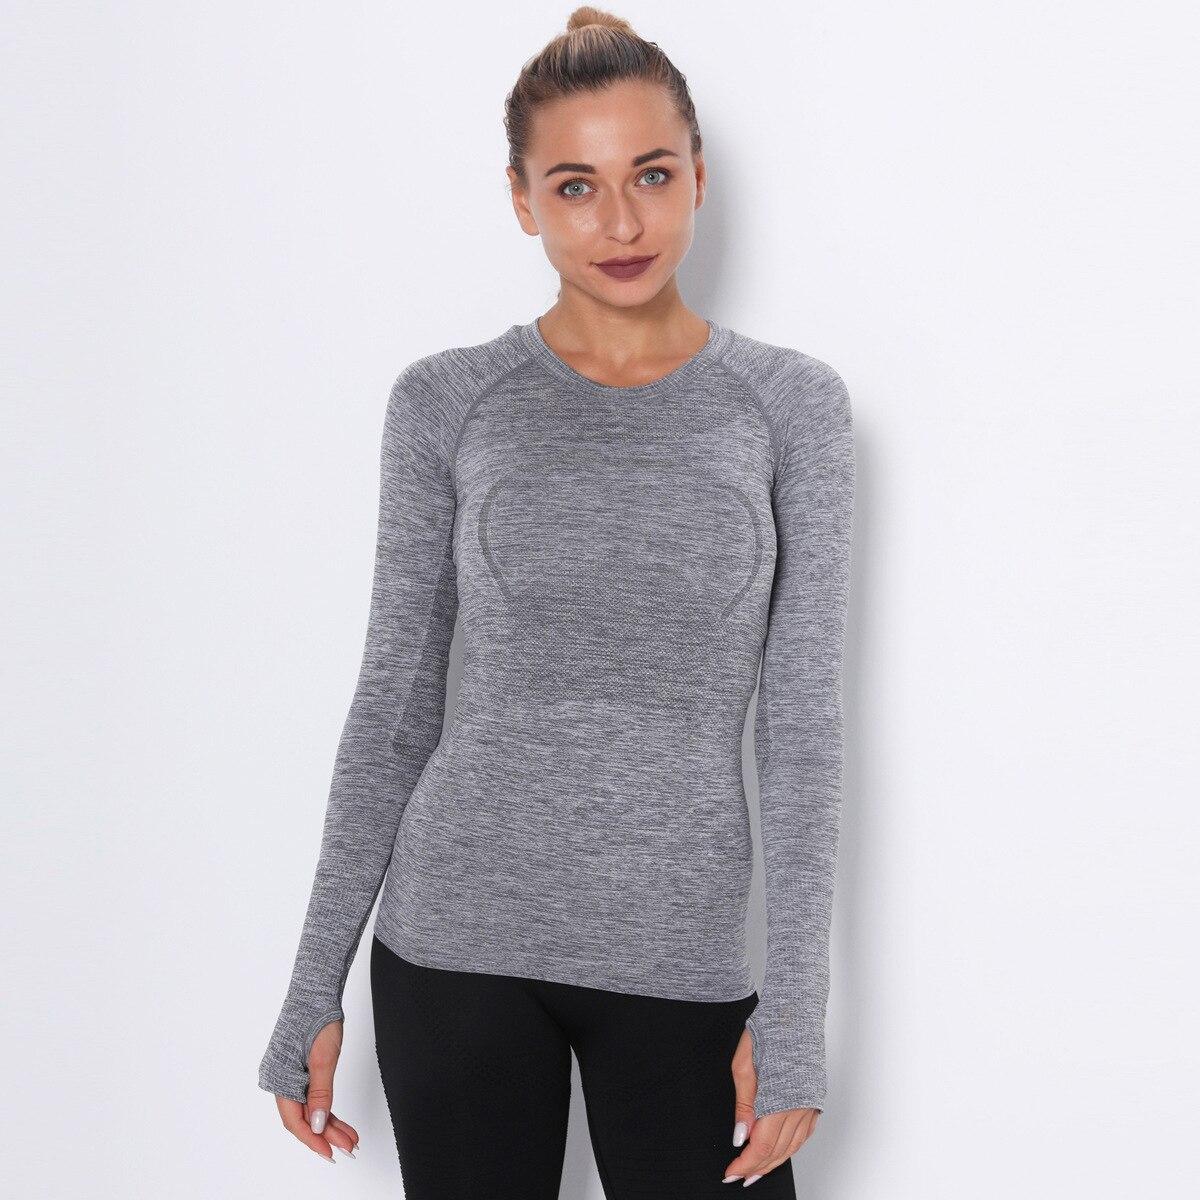 Camiseta Lulu DE Yoga deportiva de manga larga con cuello redondo y secado rápido para mujer